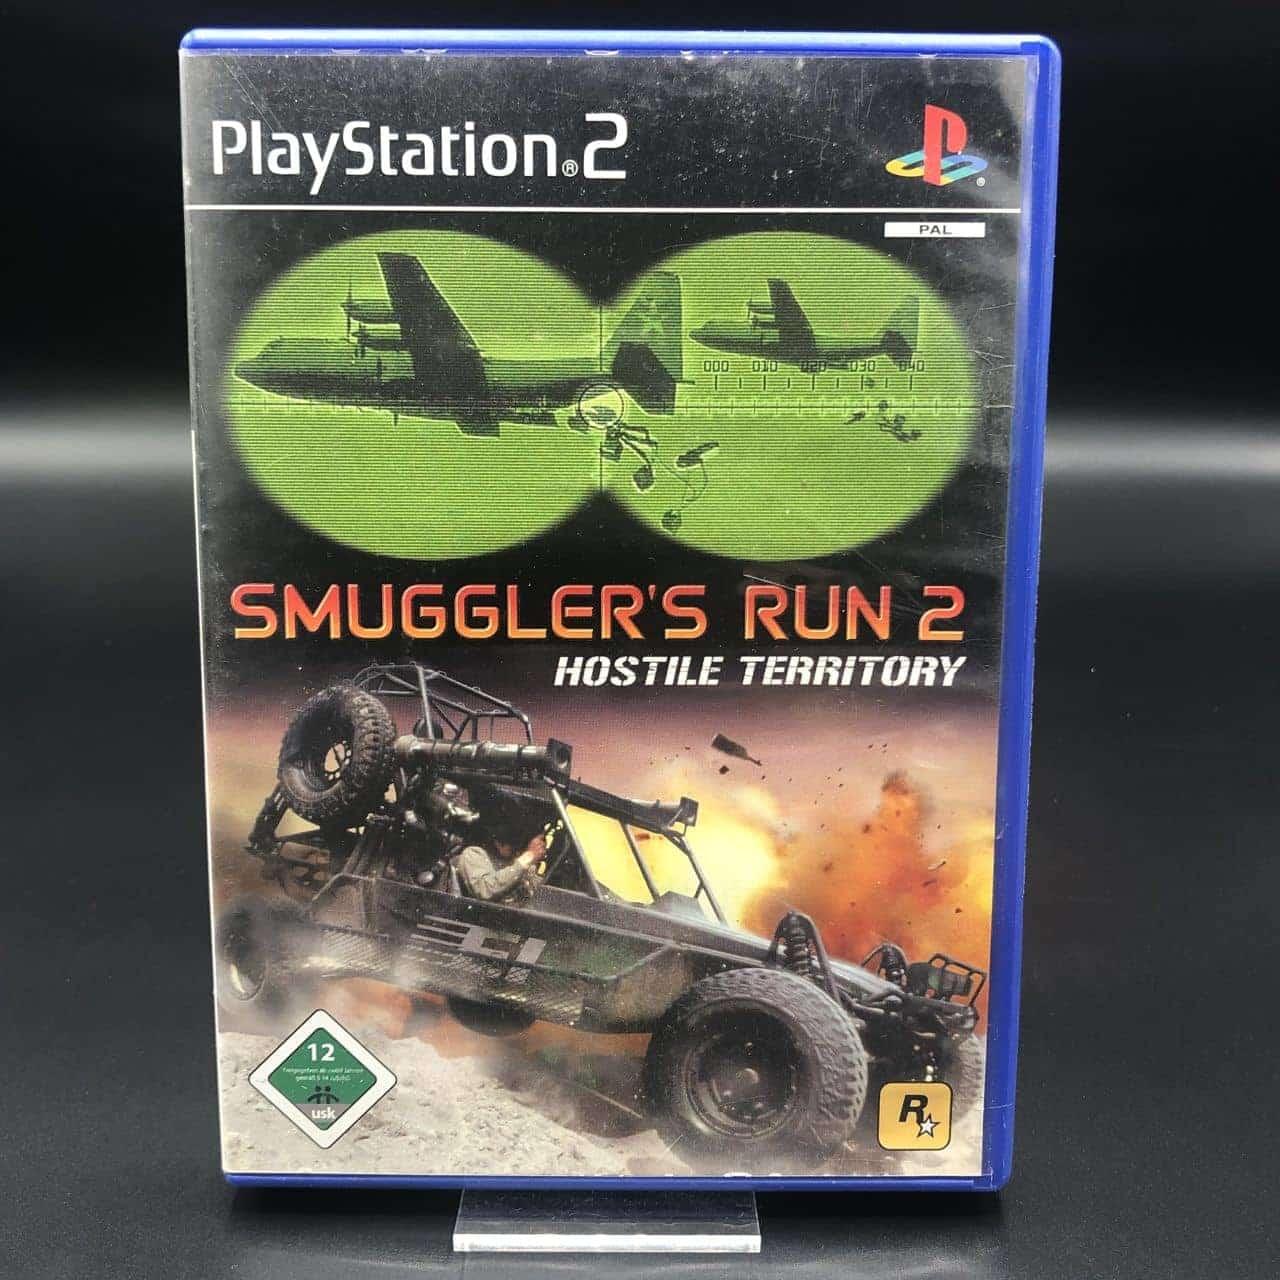 PS2 Smuggler's Run 2: Hostile Territory (Komplett) (Gut) Sony PlayStation 2